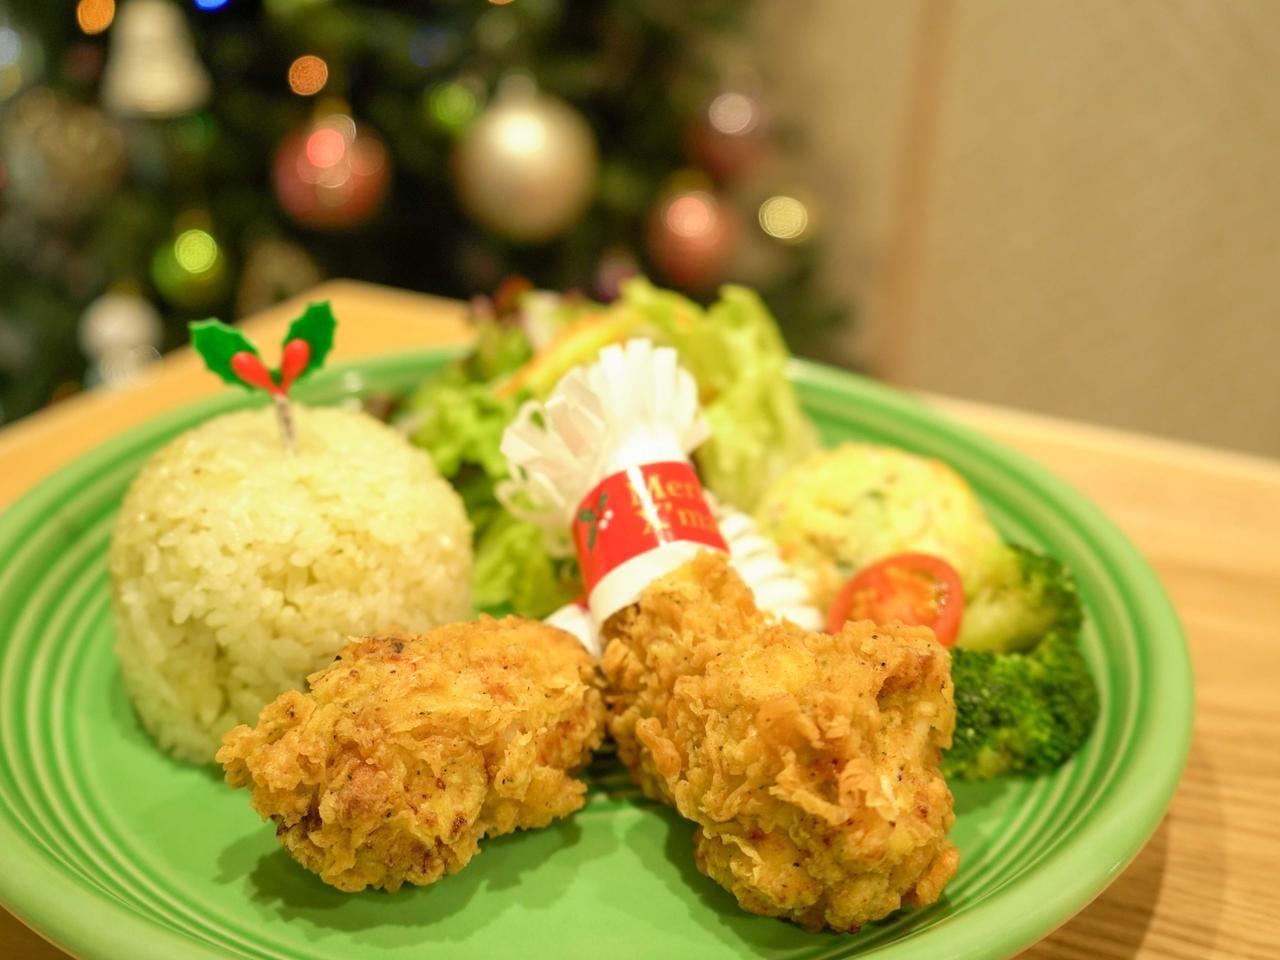 【姫路】おすすめクリスマスランチ2020!「健康社員食堂 百花」の限定メニュー